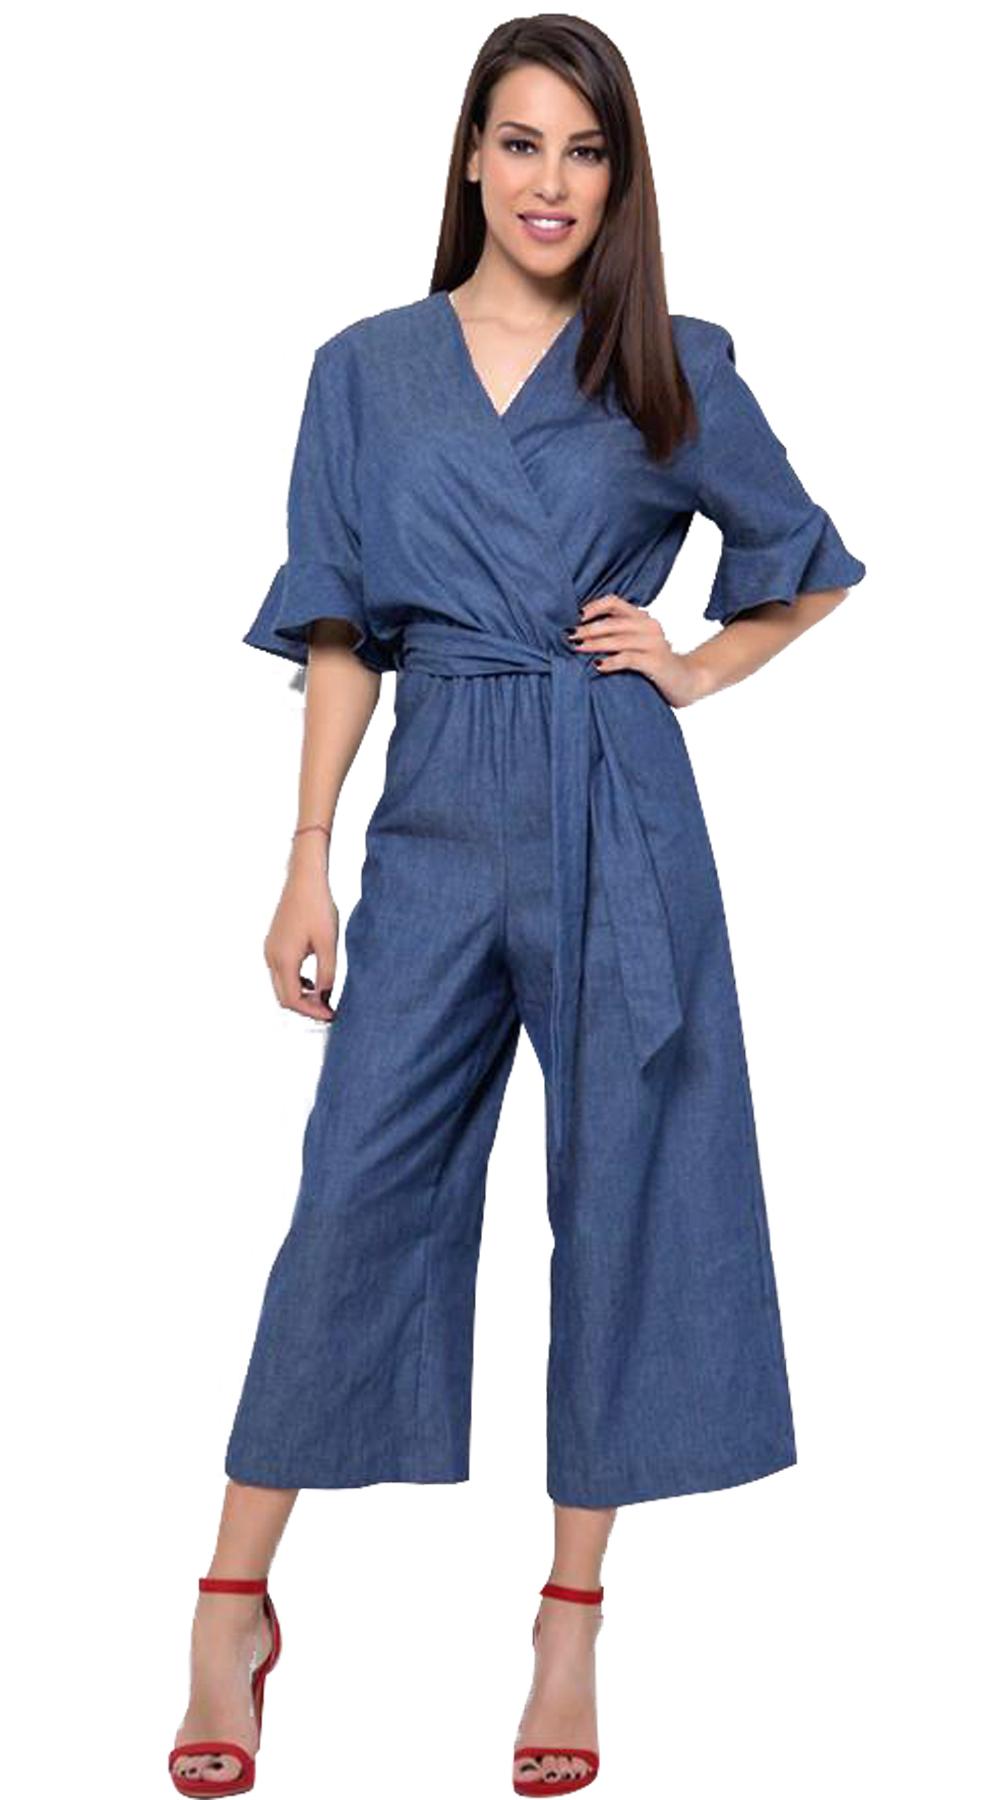 Γυναικεία κρουαζέ ολόσωμη φόρμα soft denim με ζιπ κιλότ τελείωμα - Greek Brands  top trends office look